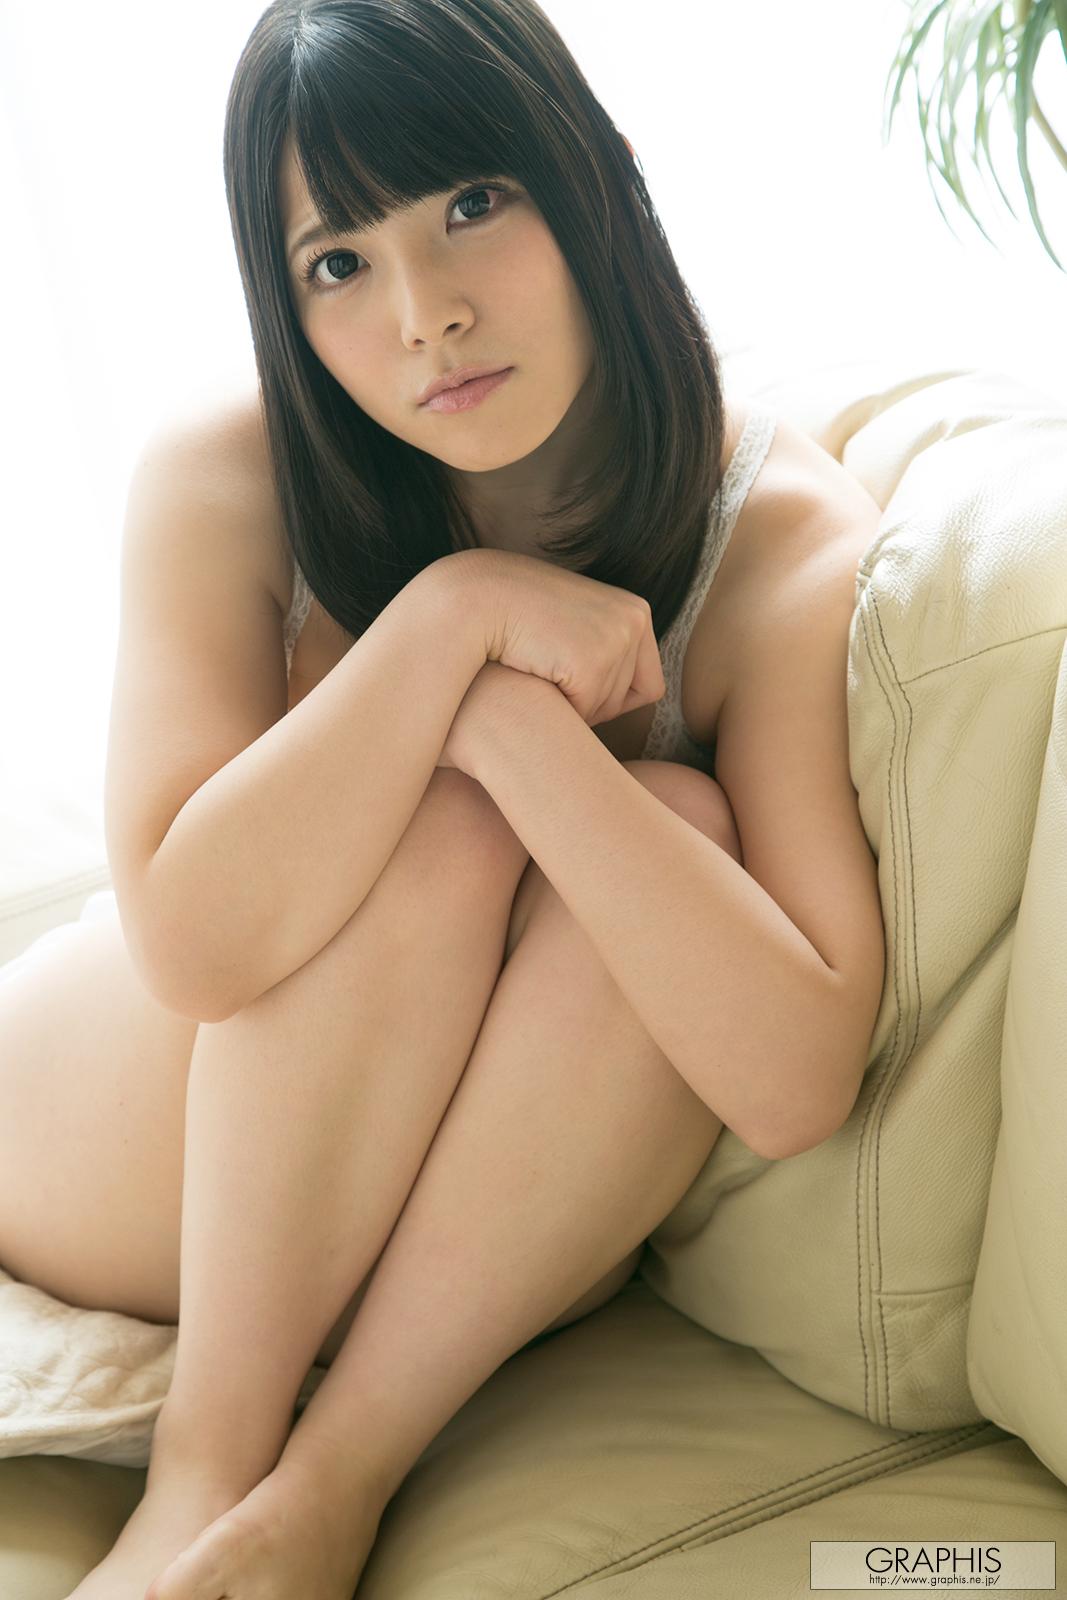 image http://scanlover.com/assets/images/272-8aKIY1RcTqomg9nQ.jpeg